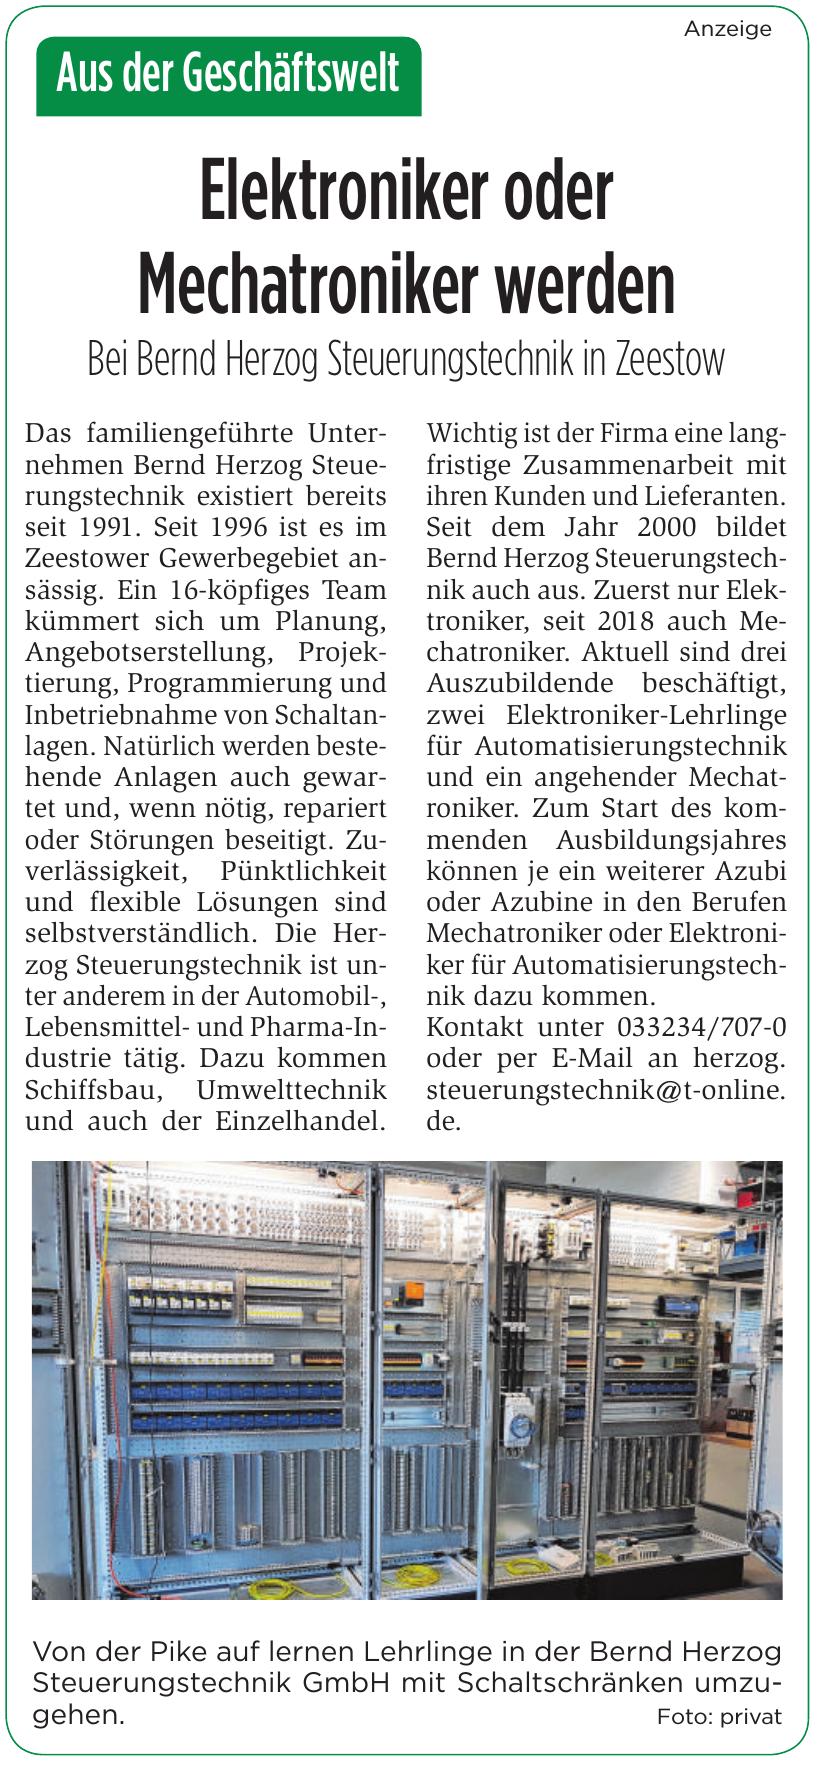 Bernd Herzog Steuerungstechnik GmbH